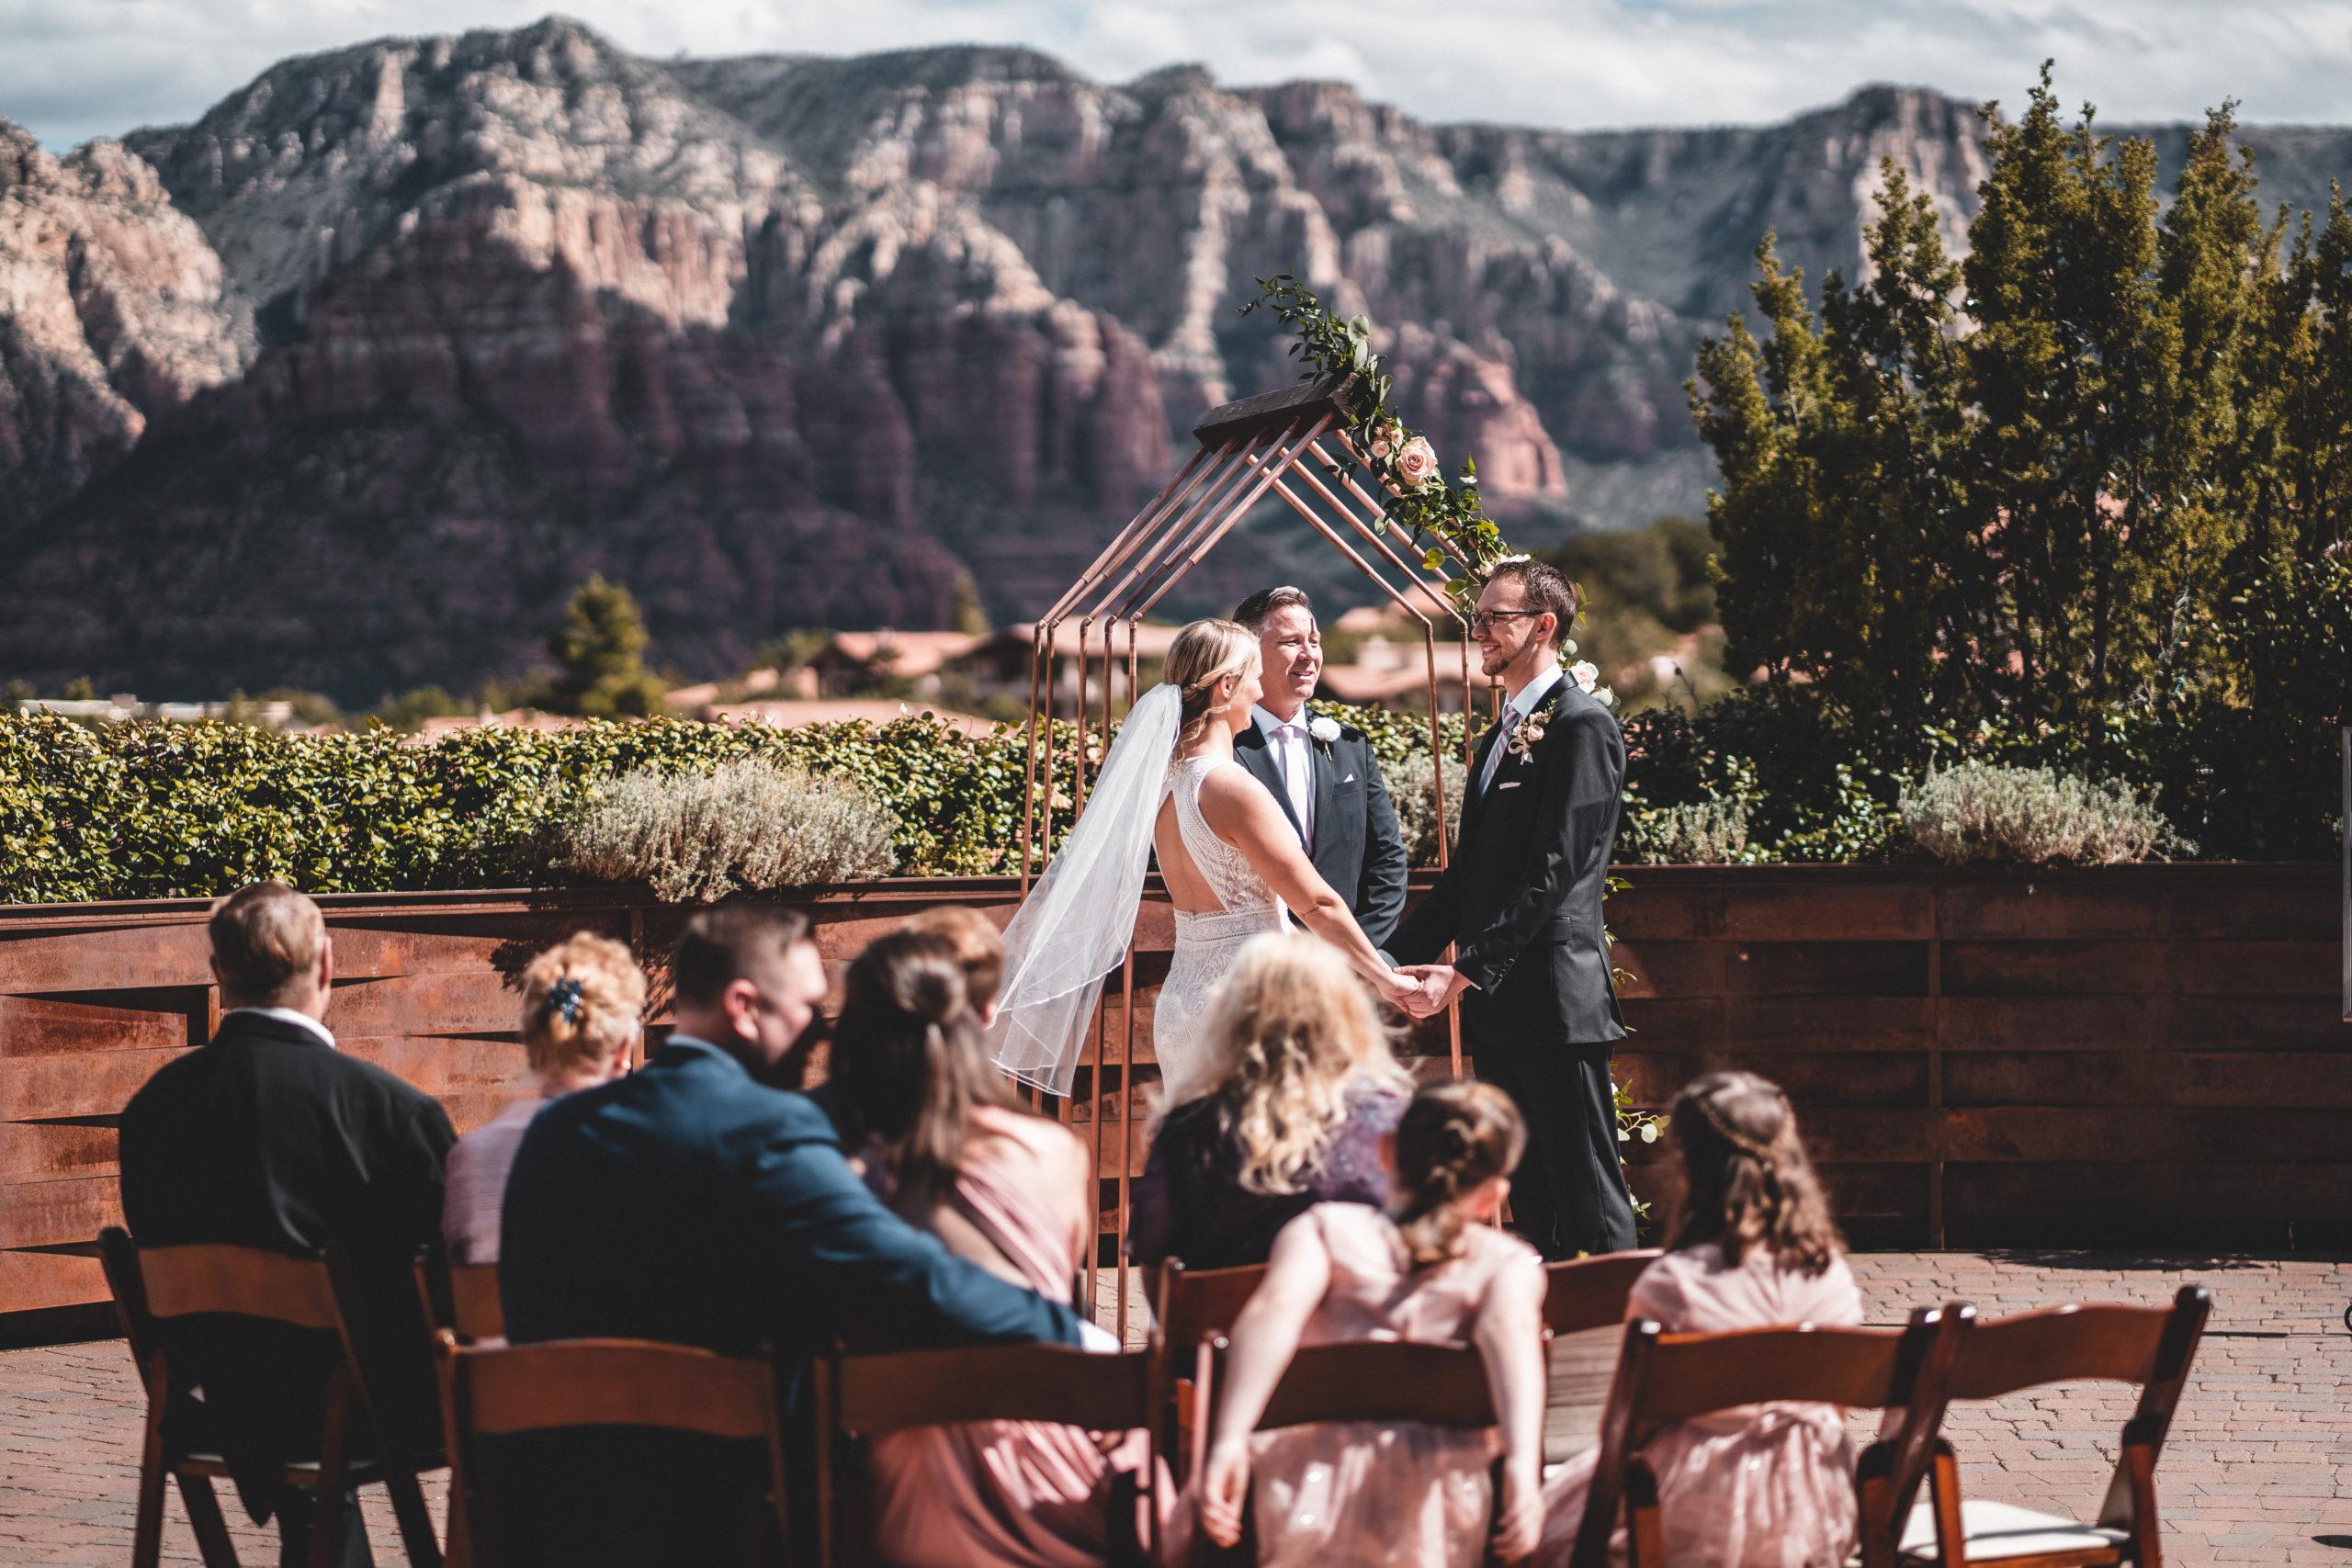 Chris + Rachael | Sedona, Arizona Wedding